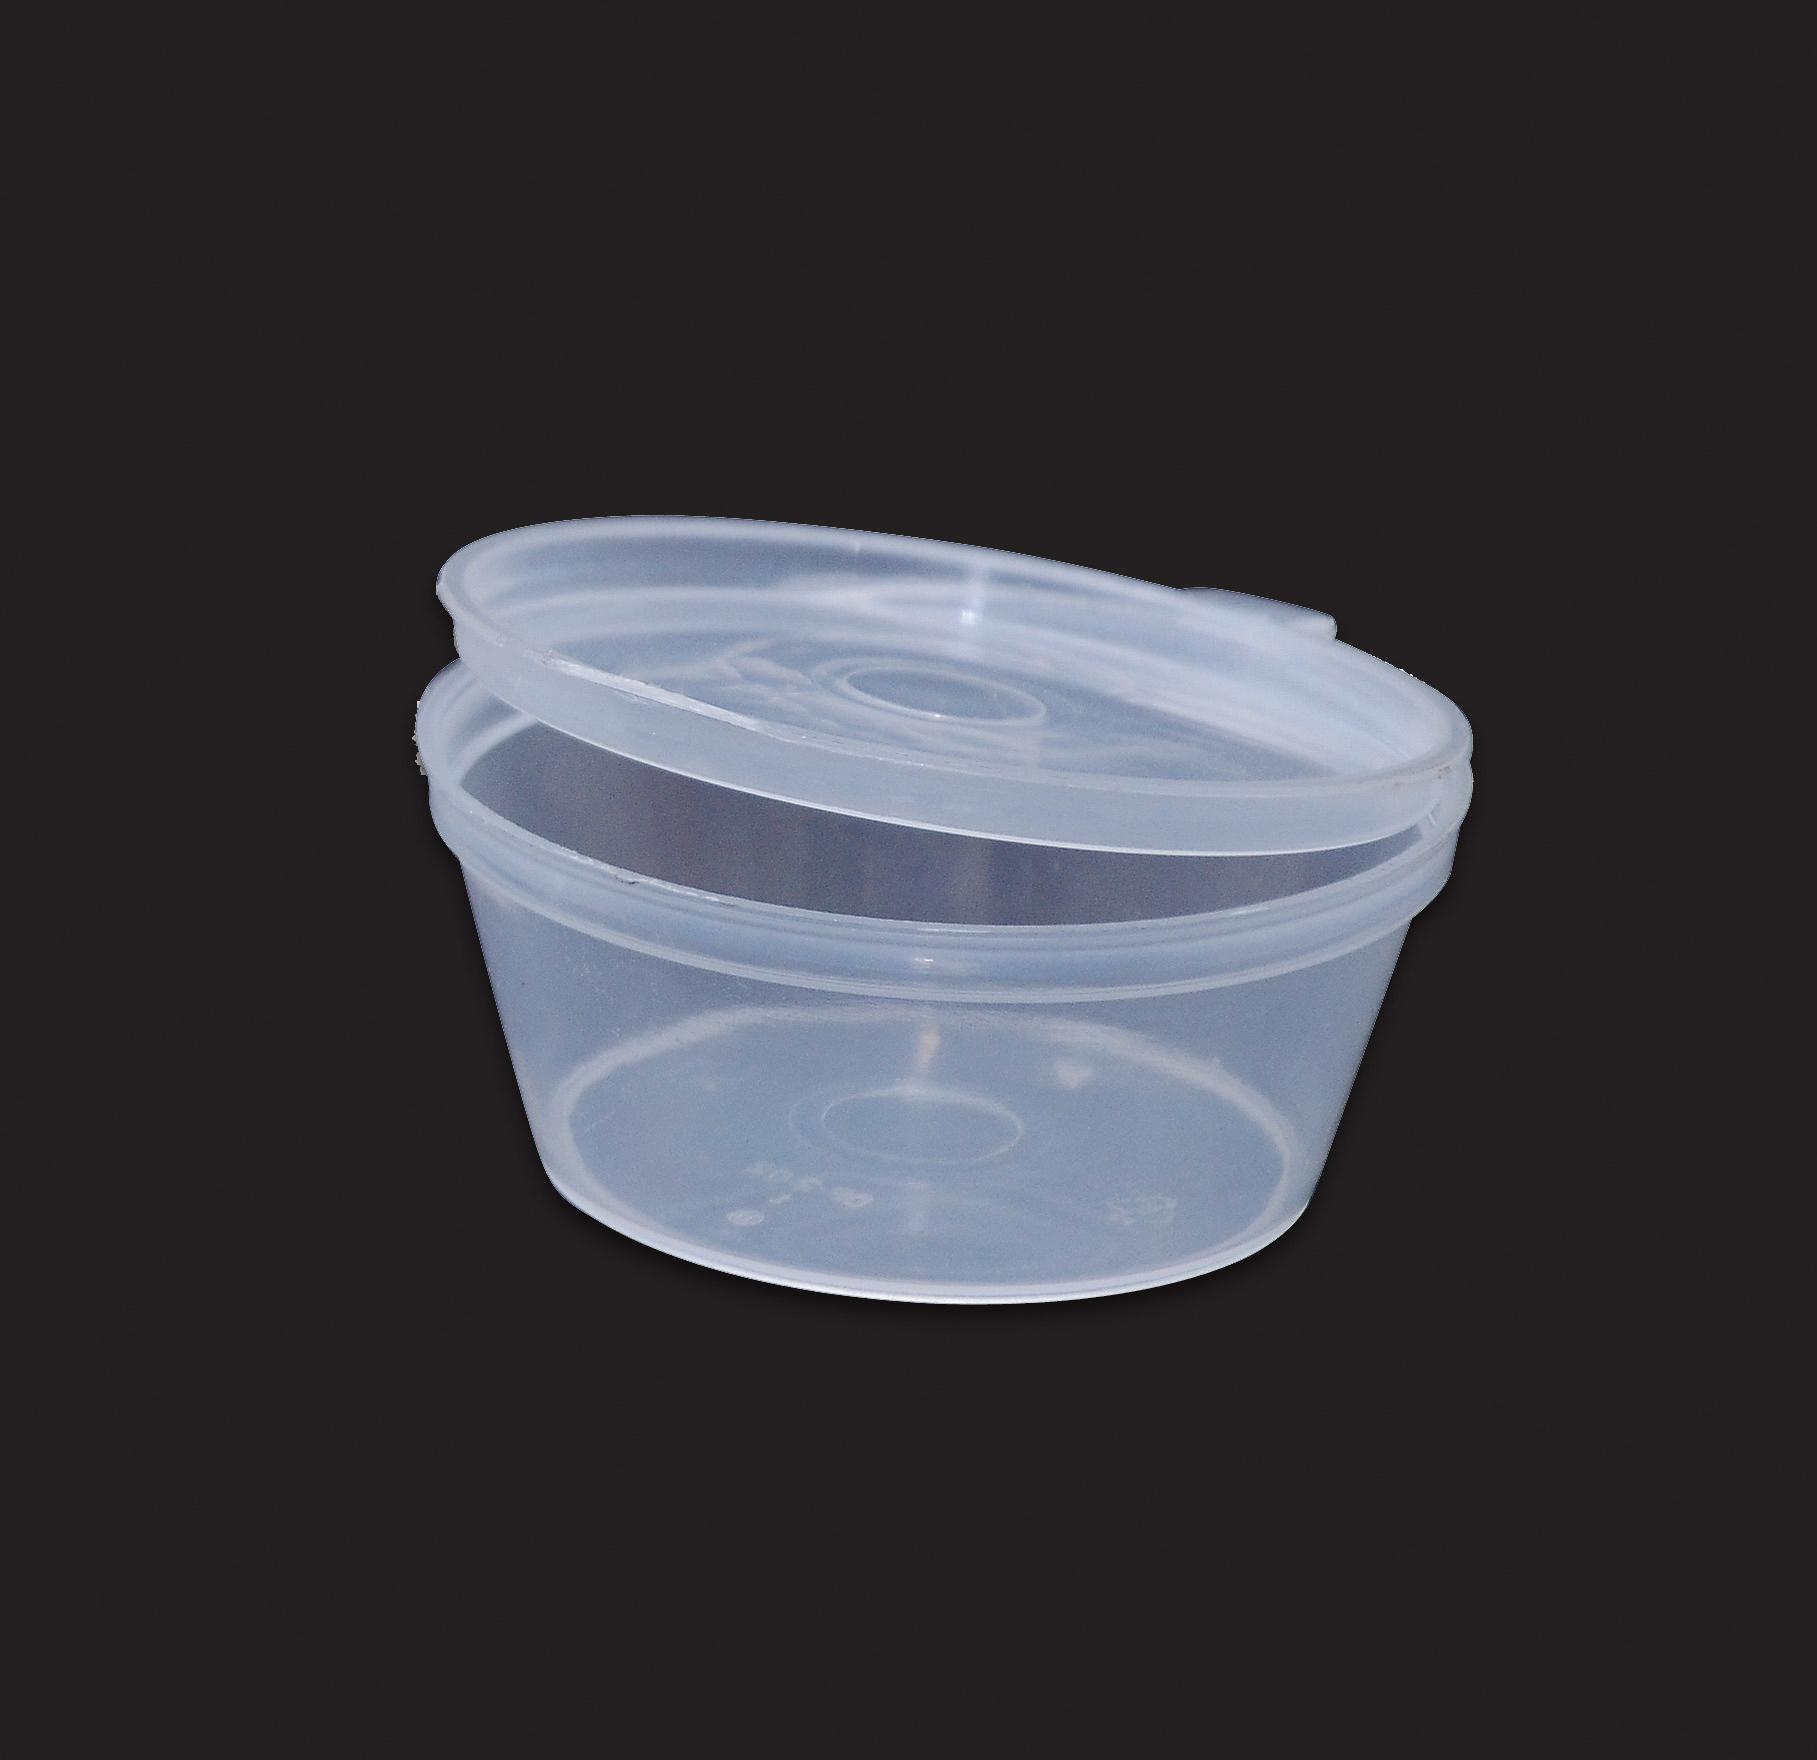 Dip Cup Packaging